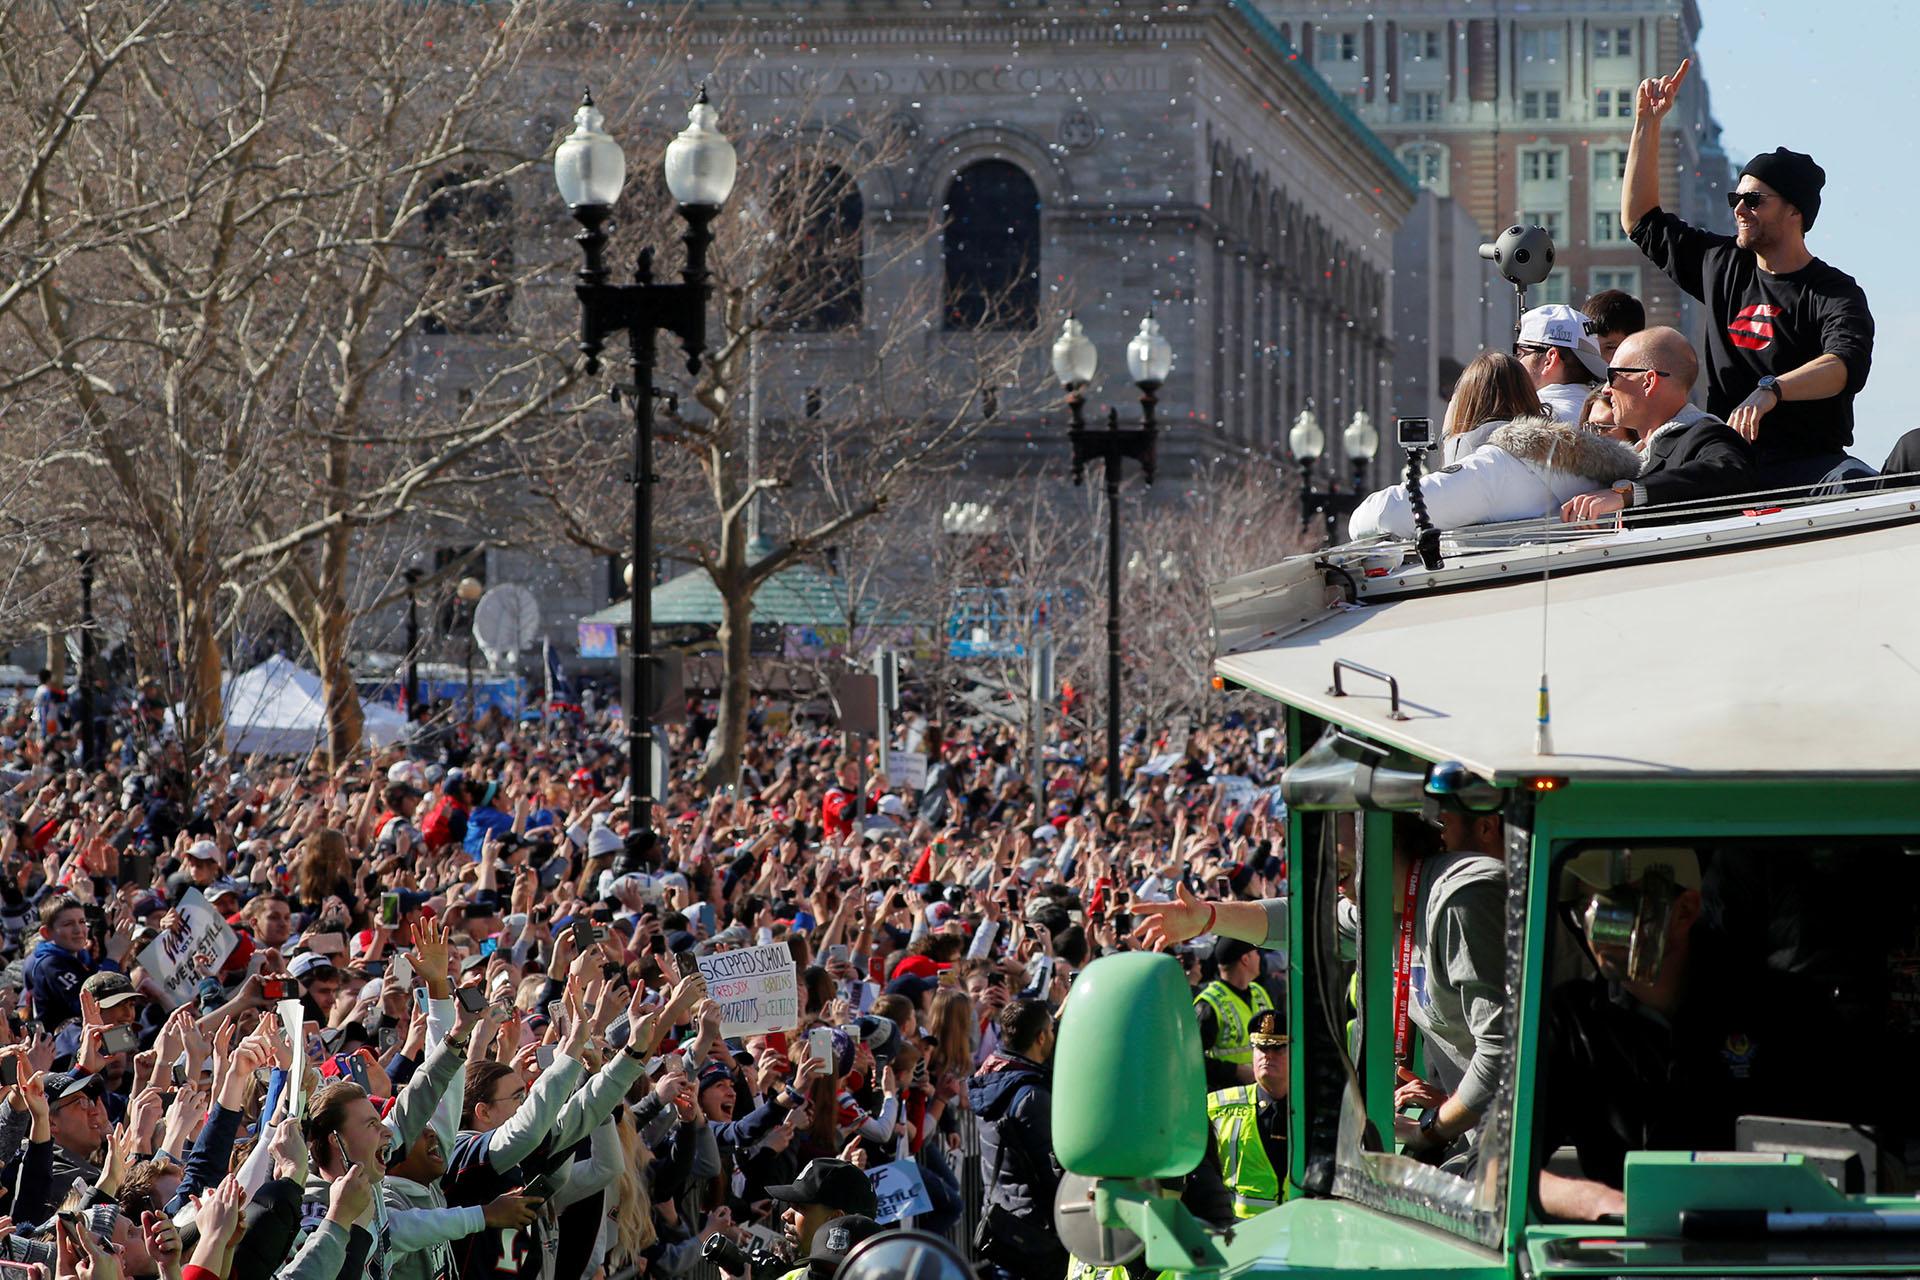 La competida y constreñida victoria de los Patriots de Nueva Inglaterra ante los Rams de Los ángeles fue vista por 100,7 millones de personas en televisión y servicios de streaming